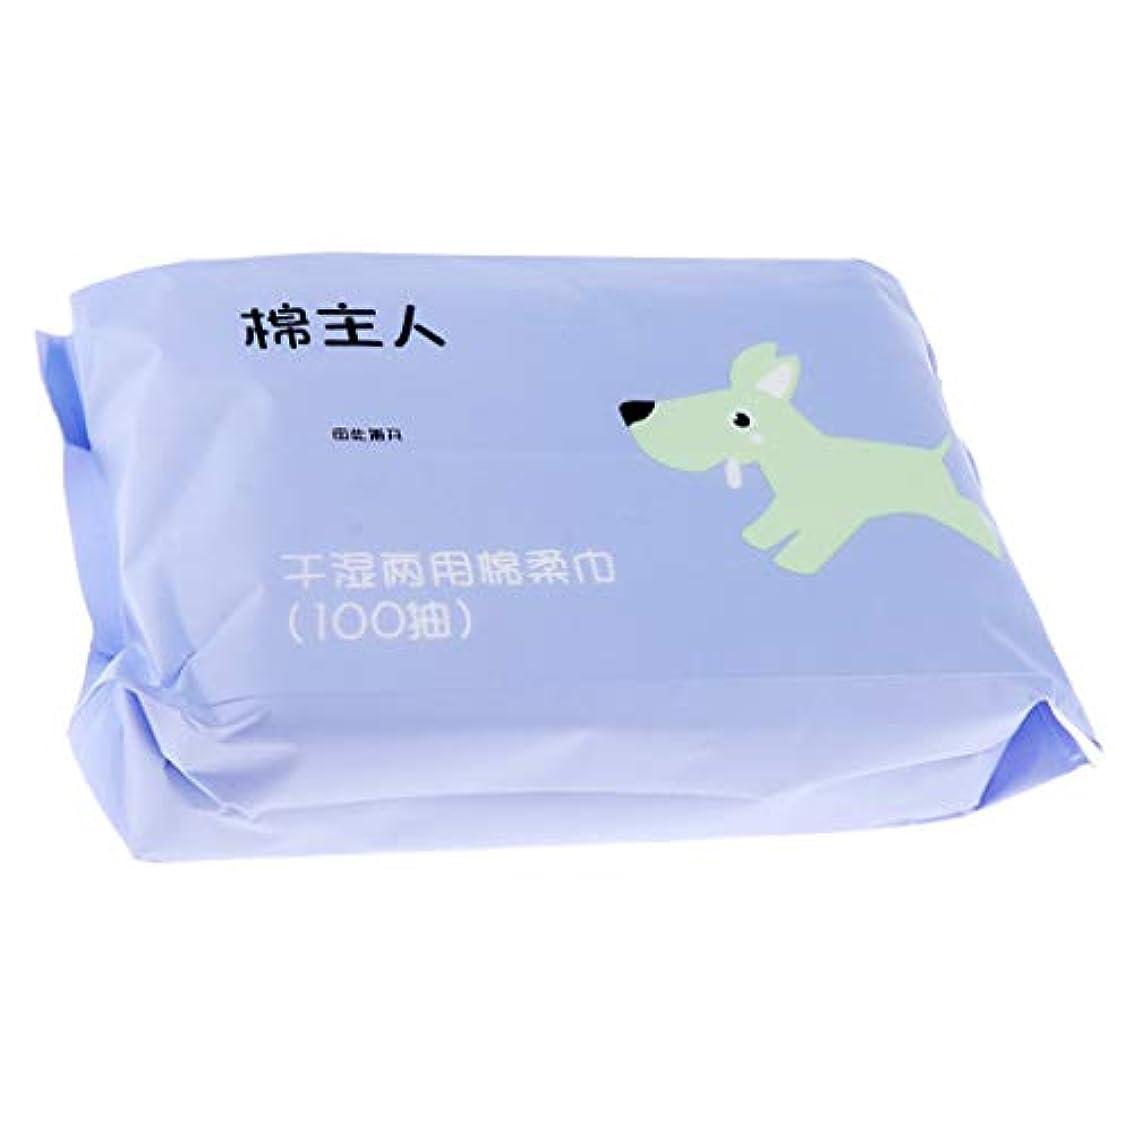 自治スタッフ好意IPOTCH 約100枚 使い捨て クリーニング フェイスタオル 化粧品 ソフト フェイシャルワイプ 2色選べ - 青紫